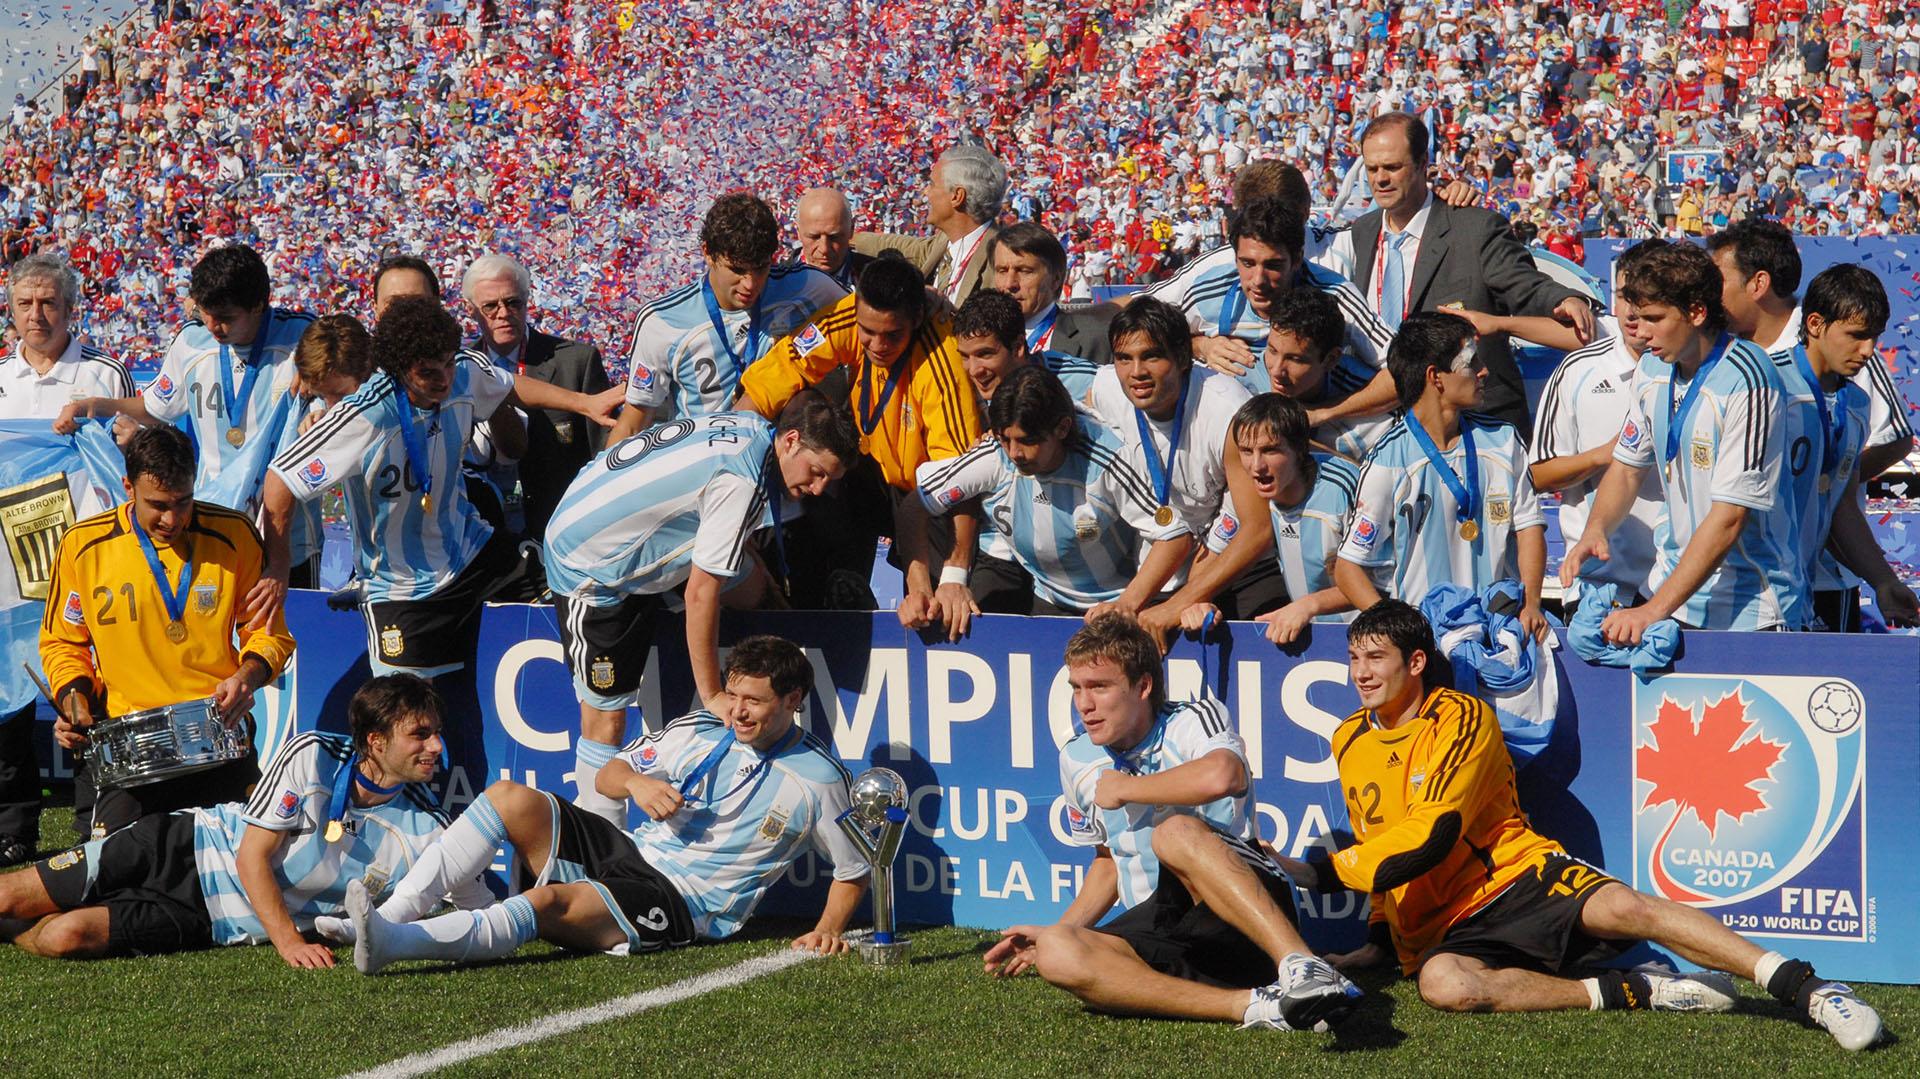 Bruno Centeno celebra el campeonato mundial Sub 20 de Canadá 2007 (Foto Baires)